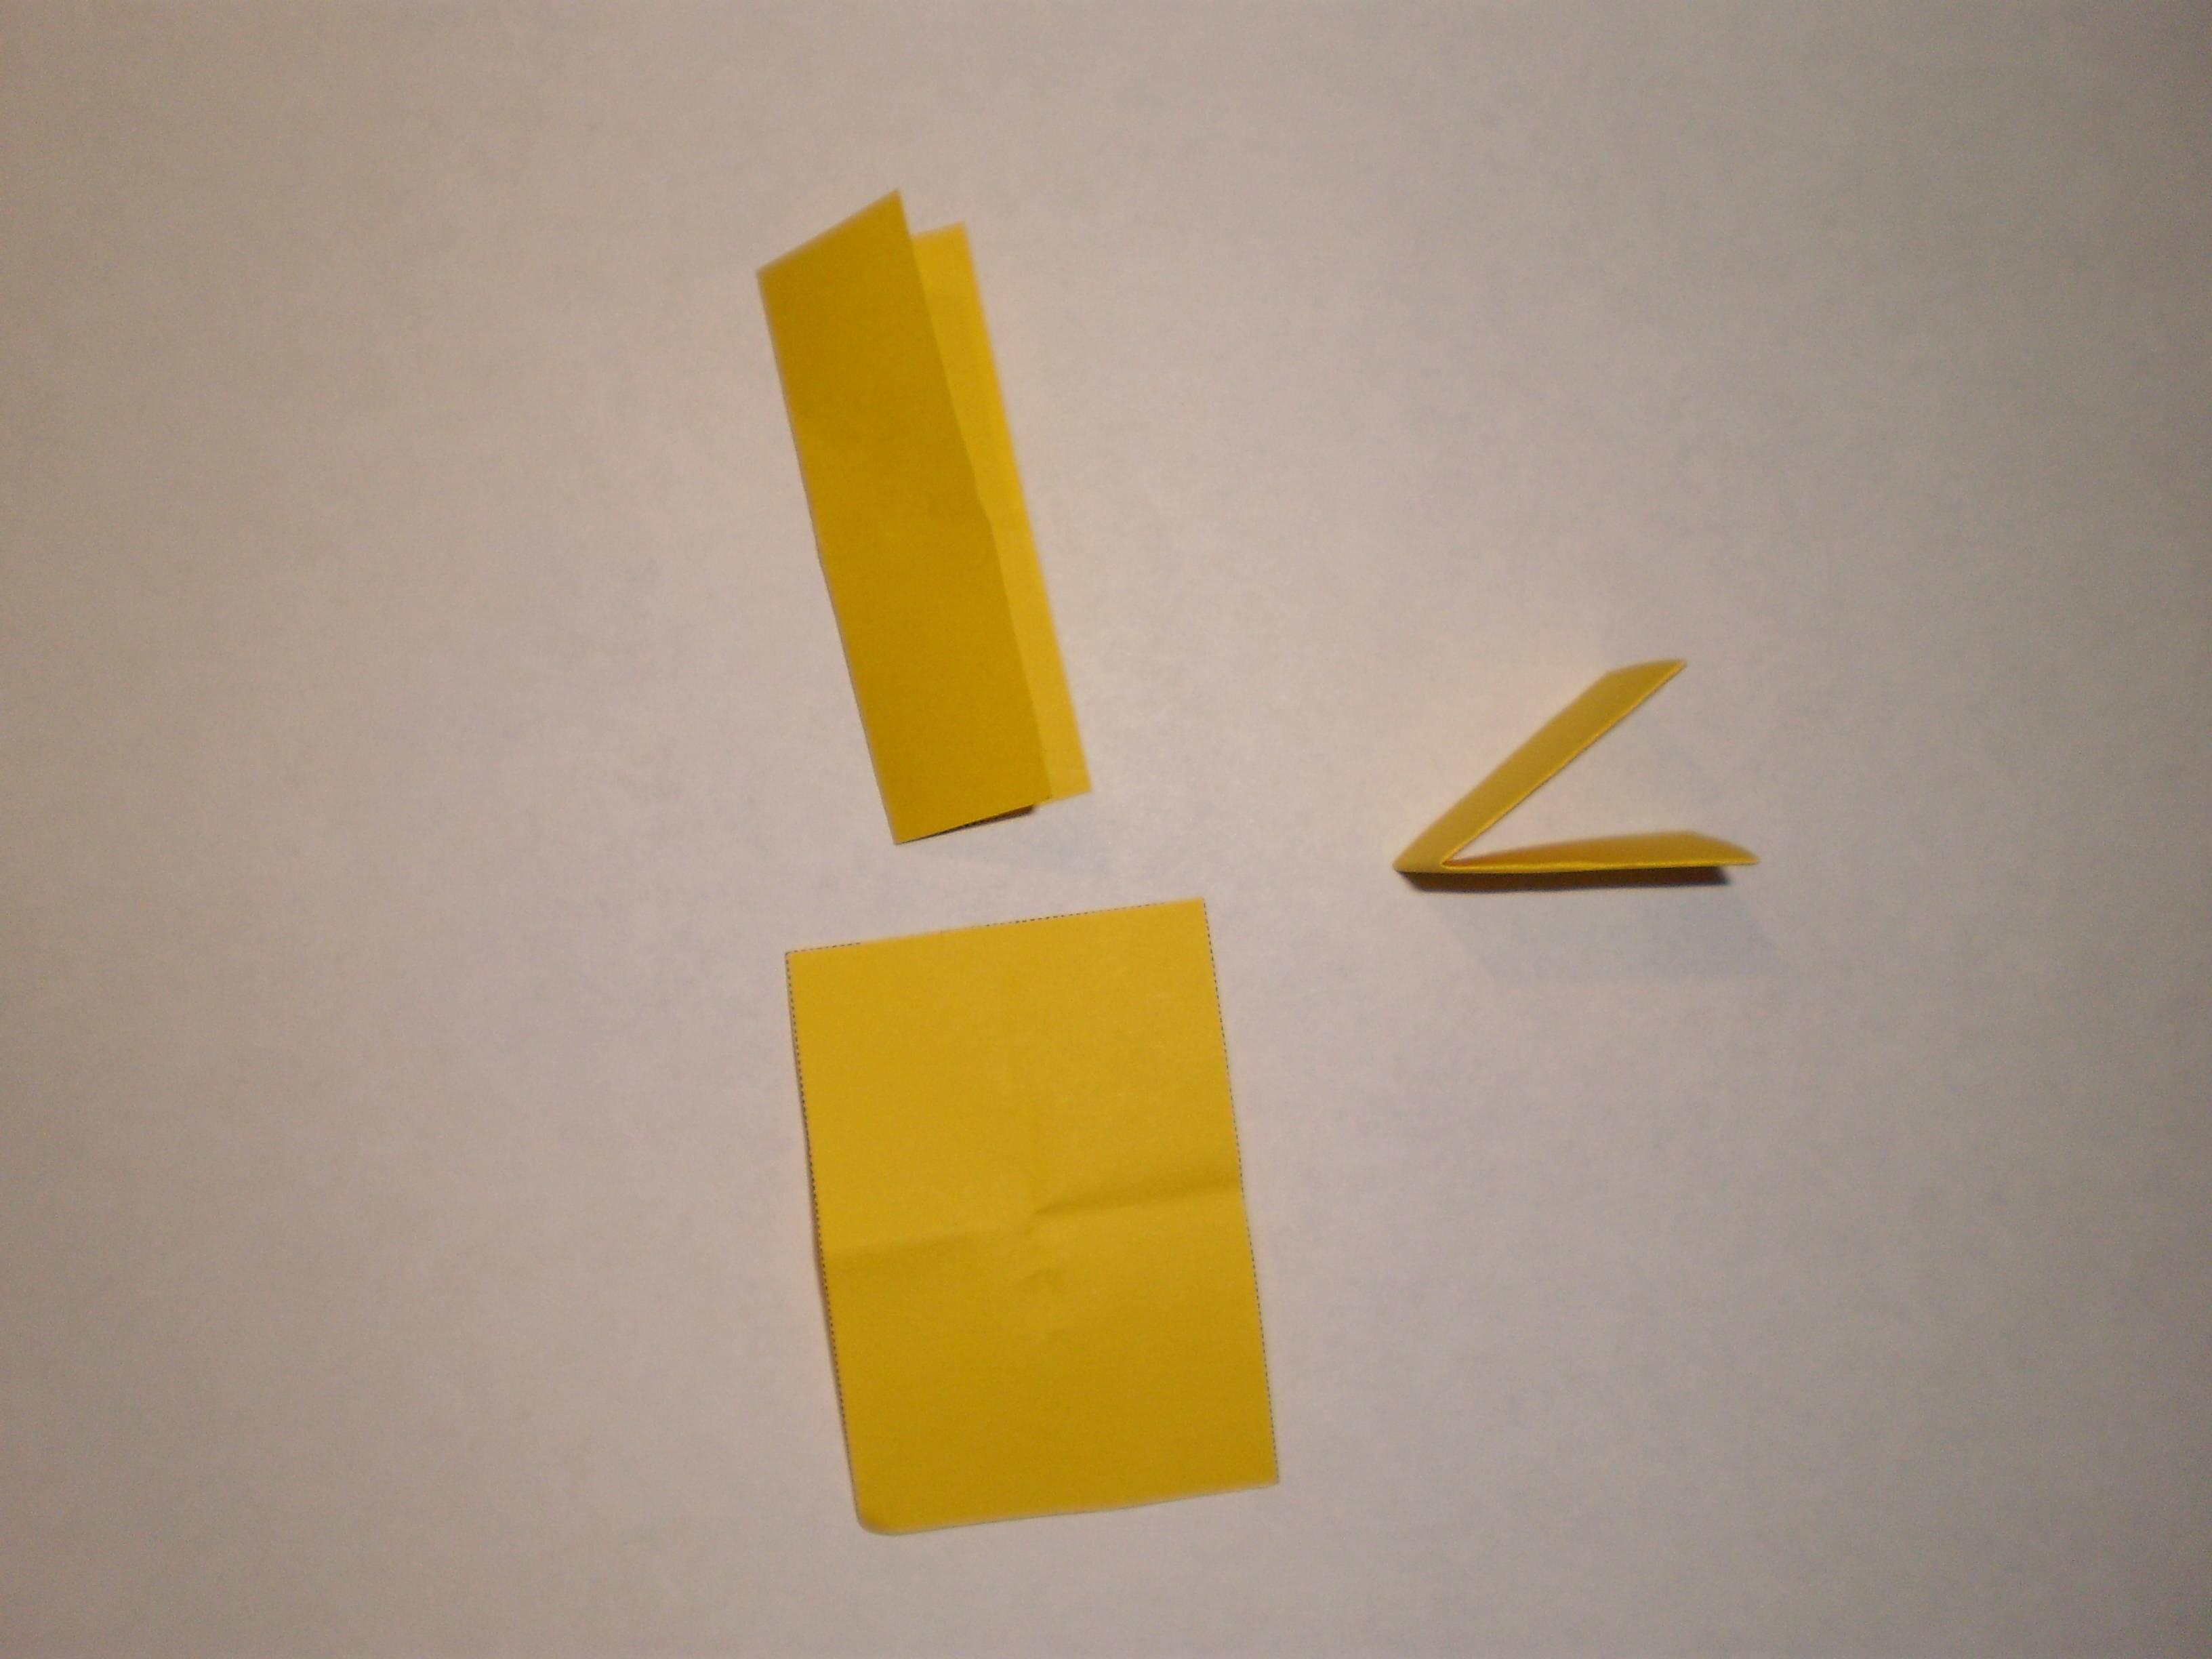 Набор участников на сборку Змеи - символ 2013. Модульное оригами! - Страница 2 Bc64d018e79fa9cf394d1e5e5c05d6f7